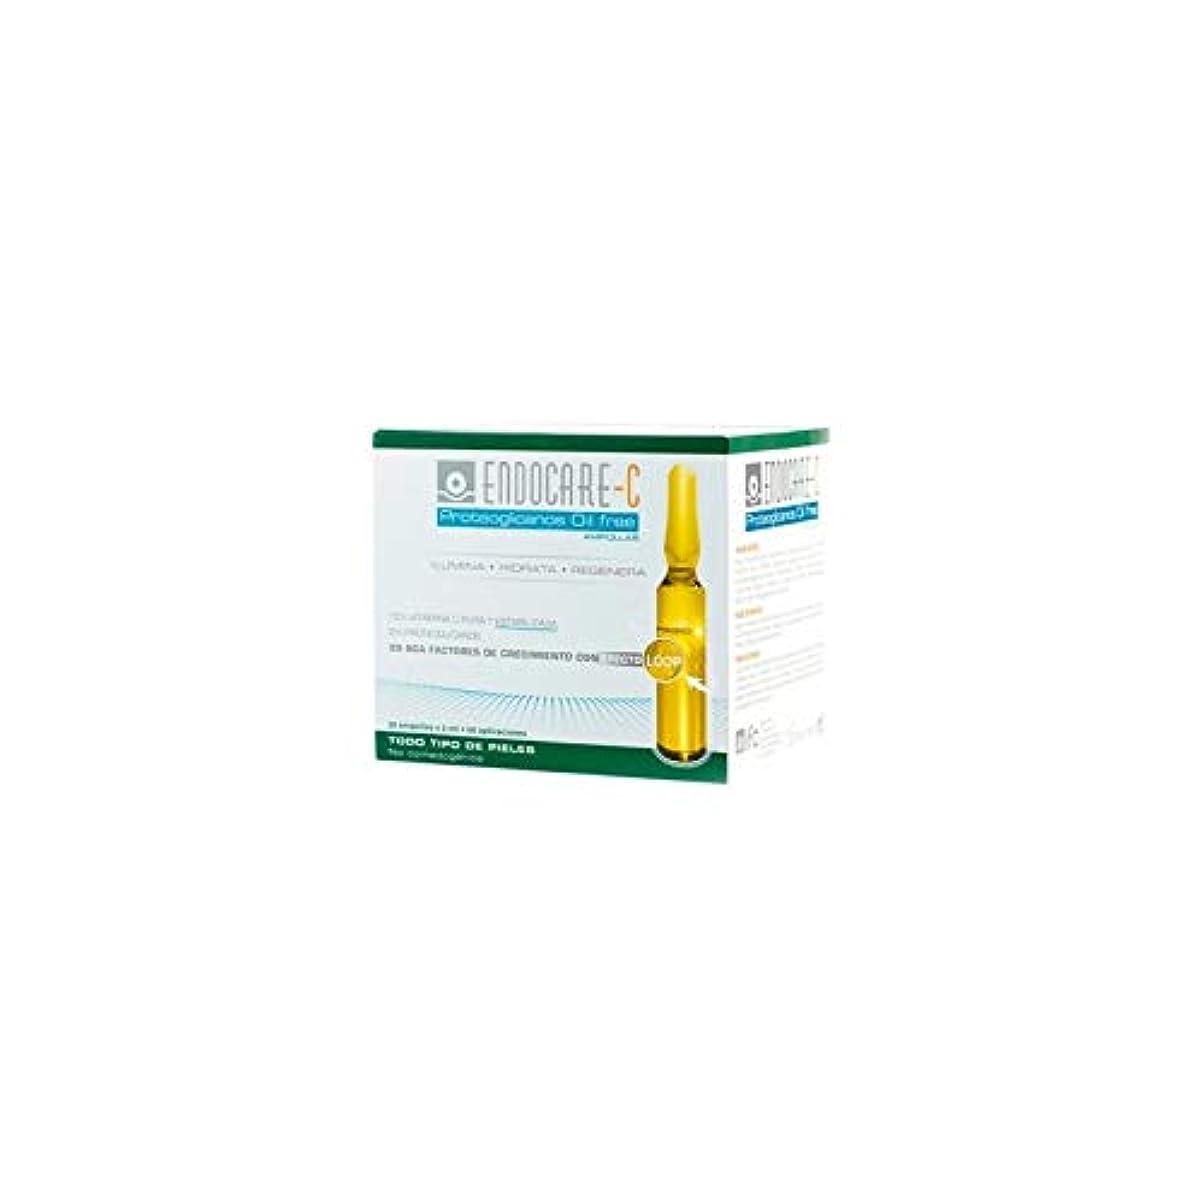 インフラ魅了する弾性Endocare C Proteoglicanos Oil Free 30 ampollas x 2ml